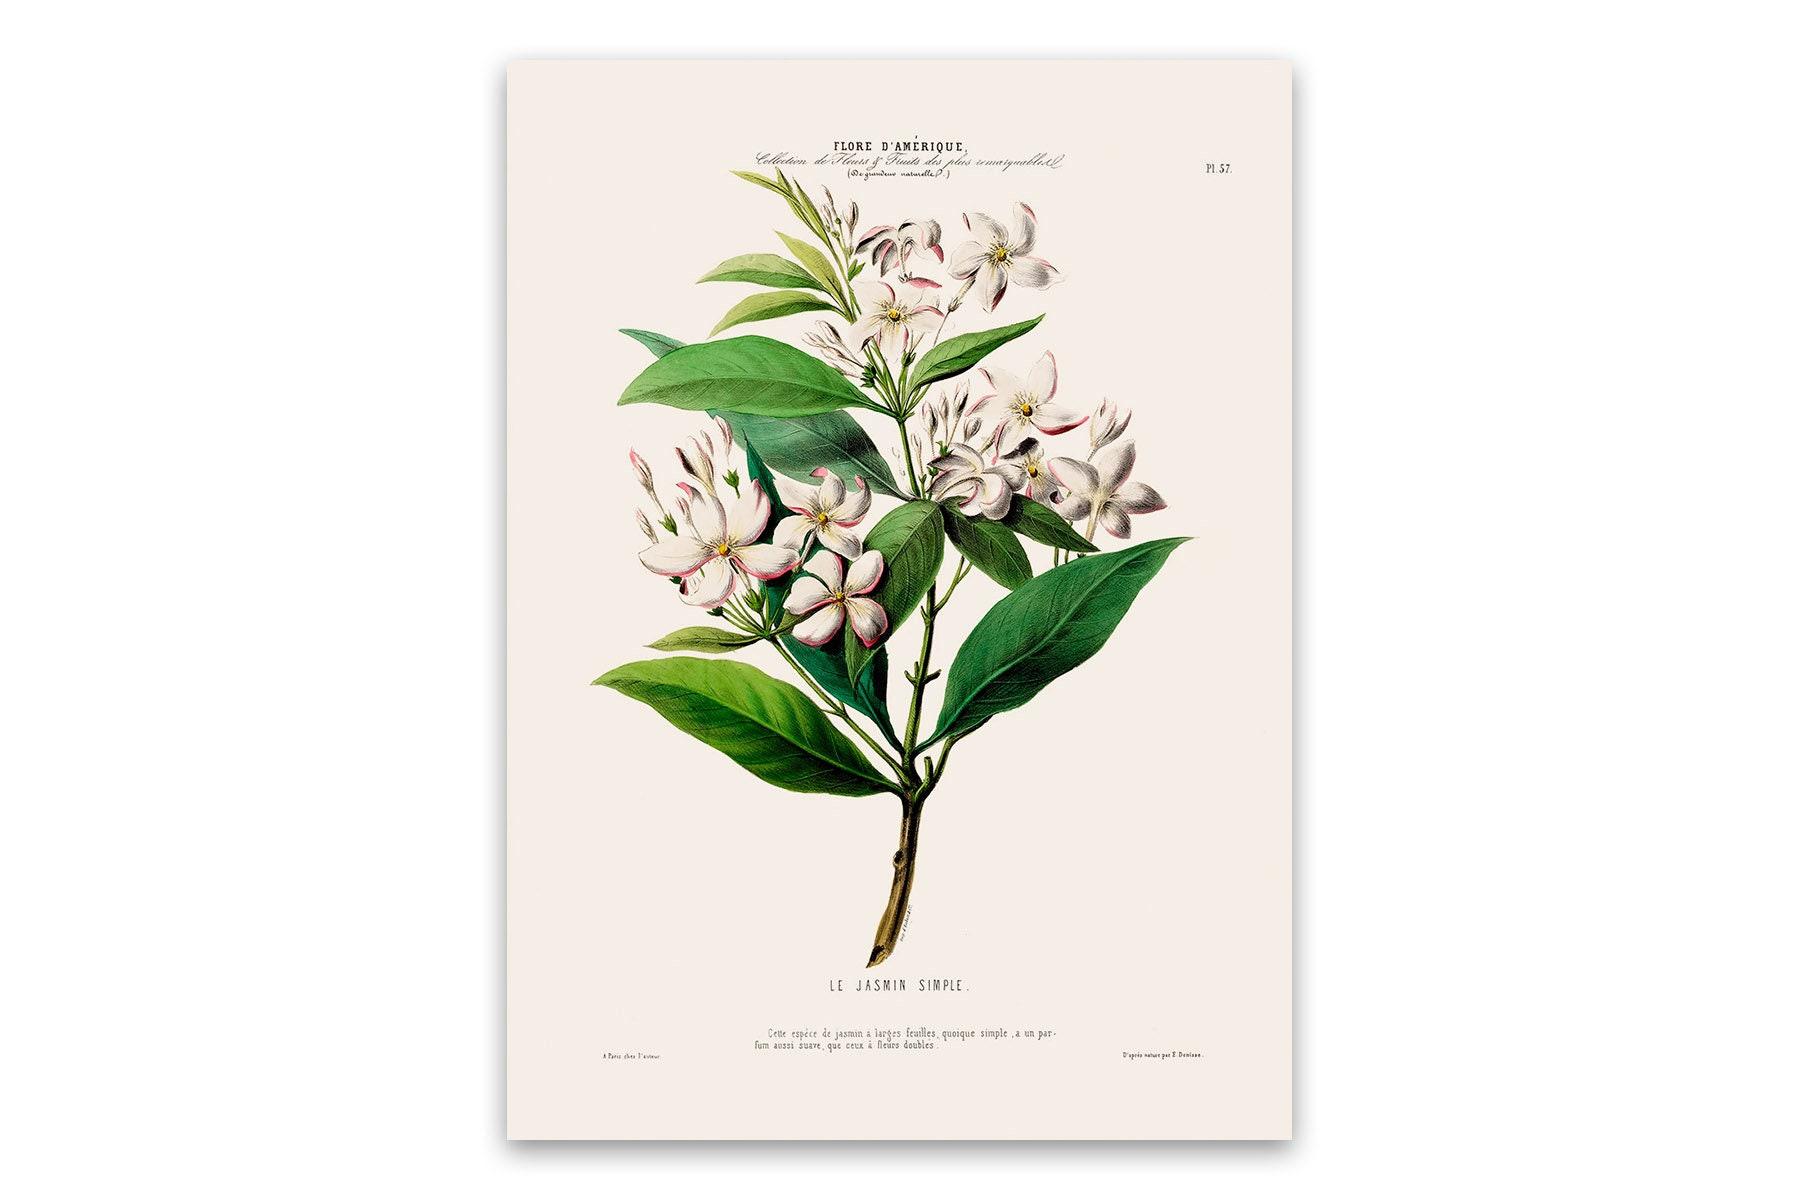 Affiche Ancienne Pour Salle De Bain jasmin affiche, illustration botanique ancienne, botanique art print,  cuisine salle de bain home decor, flore amerique, fda57